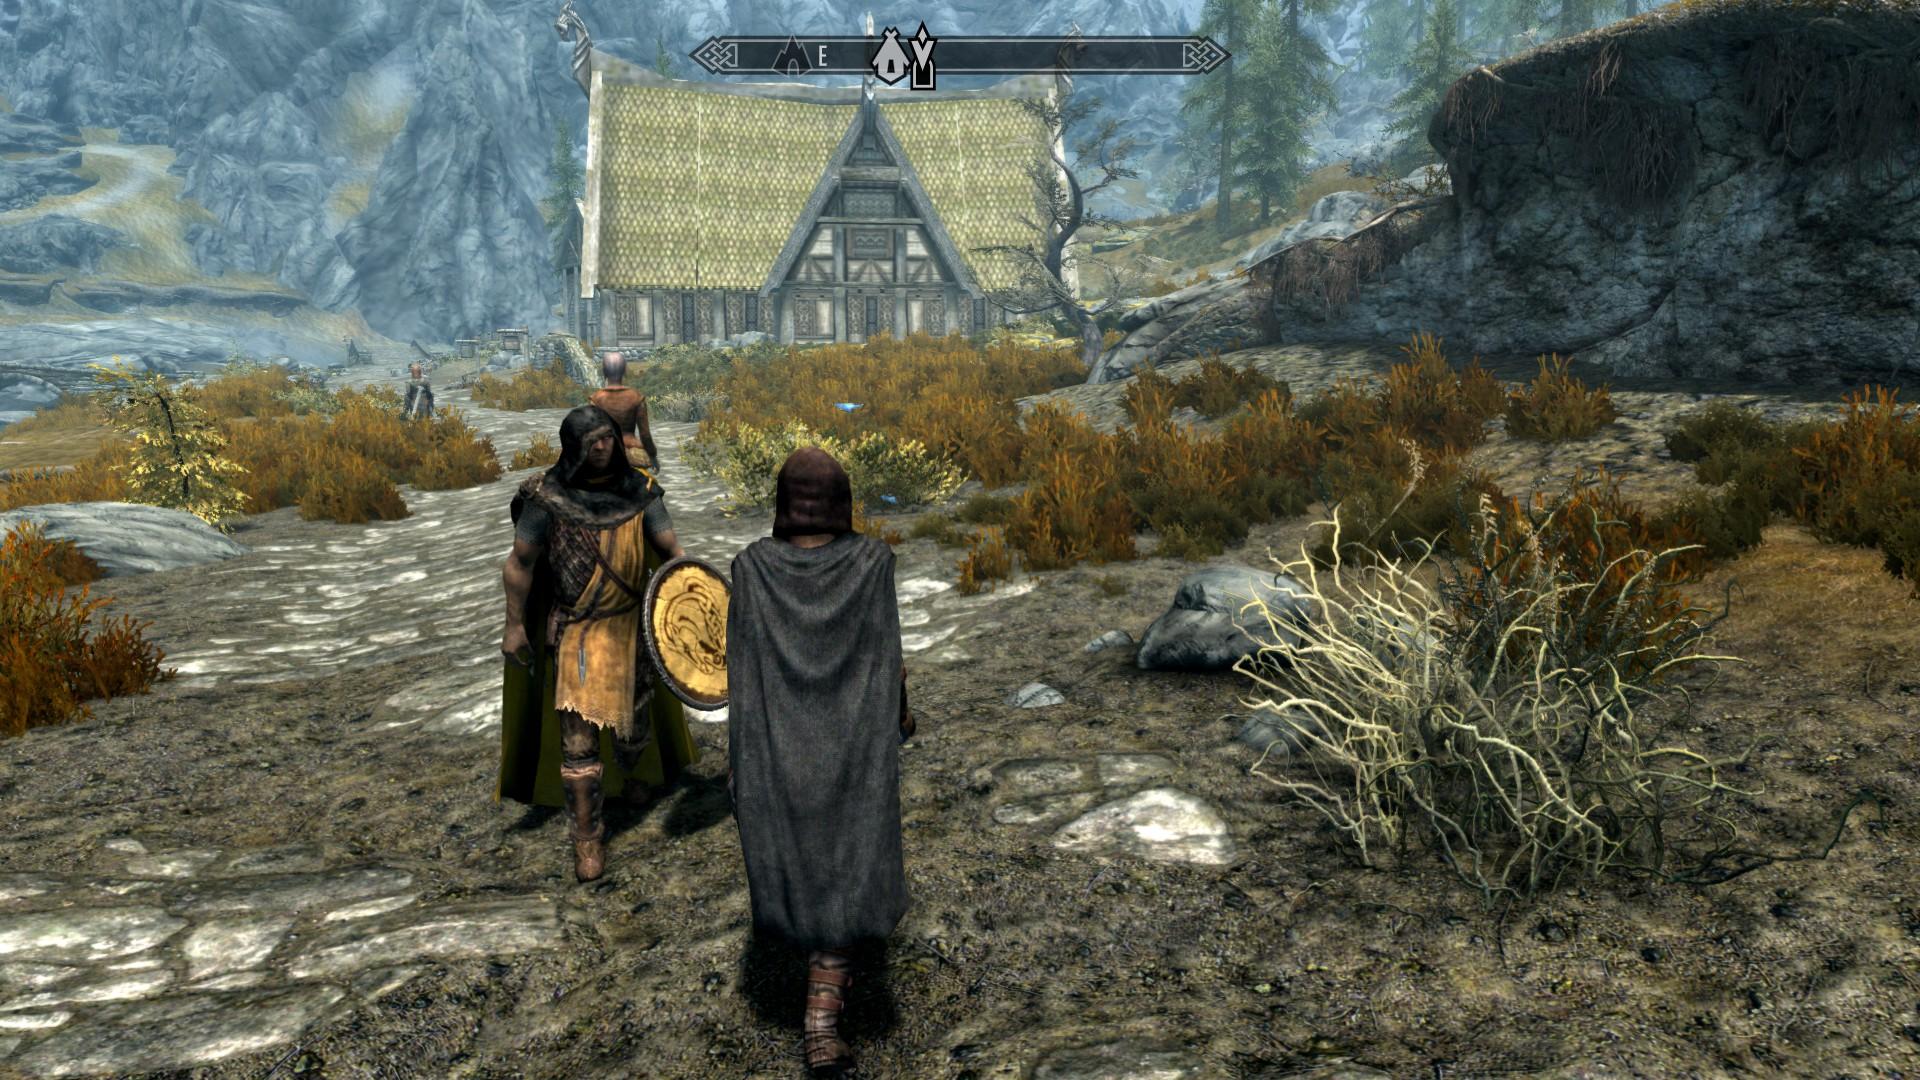 the best skyrim mods: cloaks of skyrim